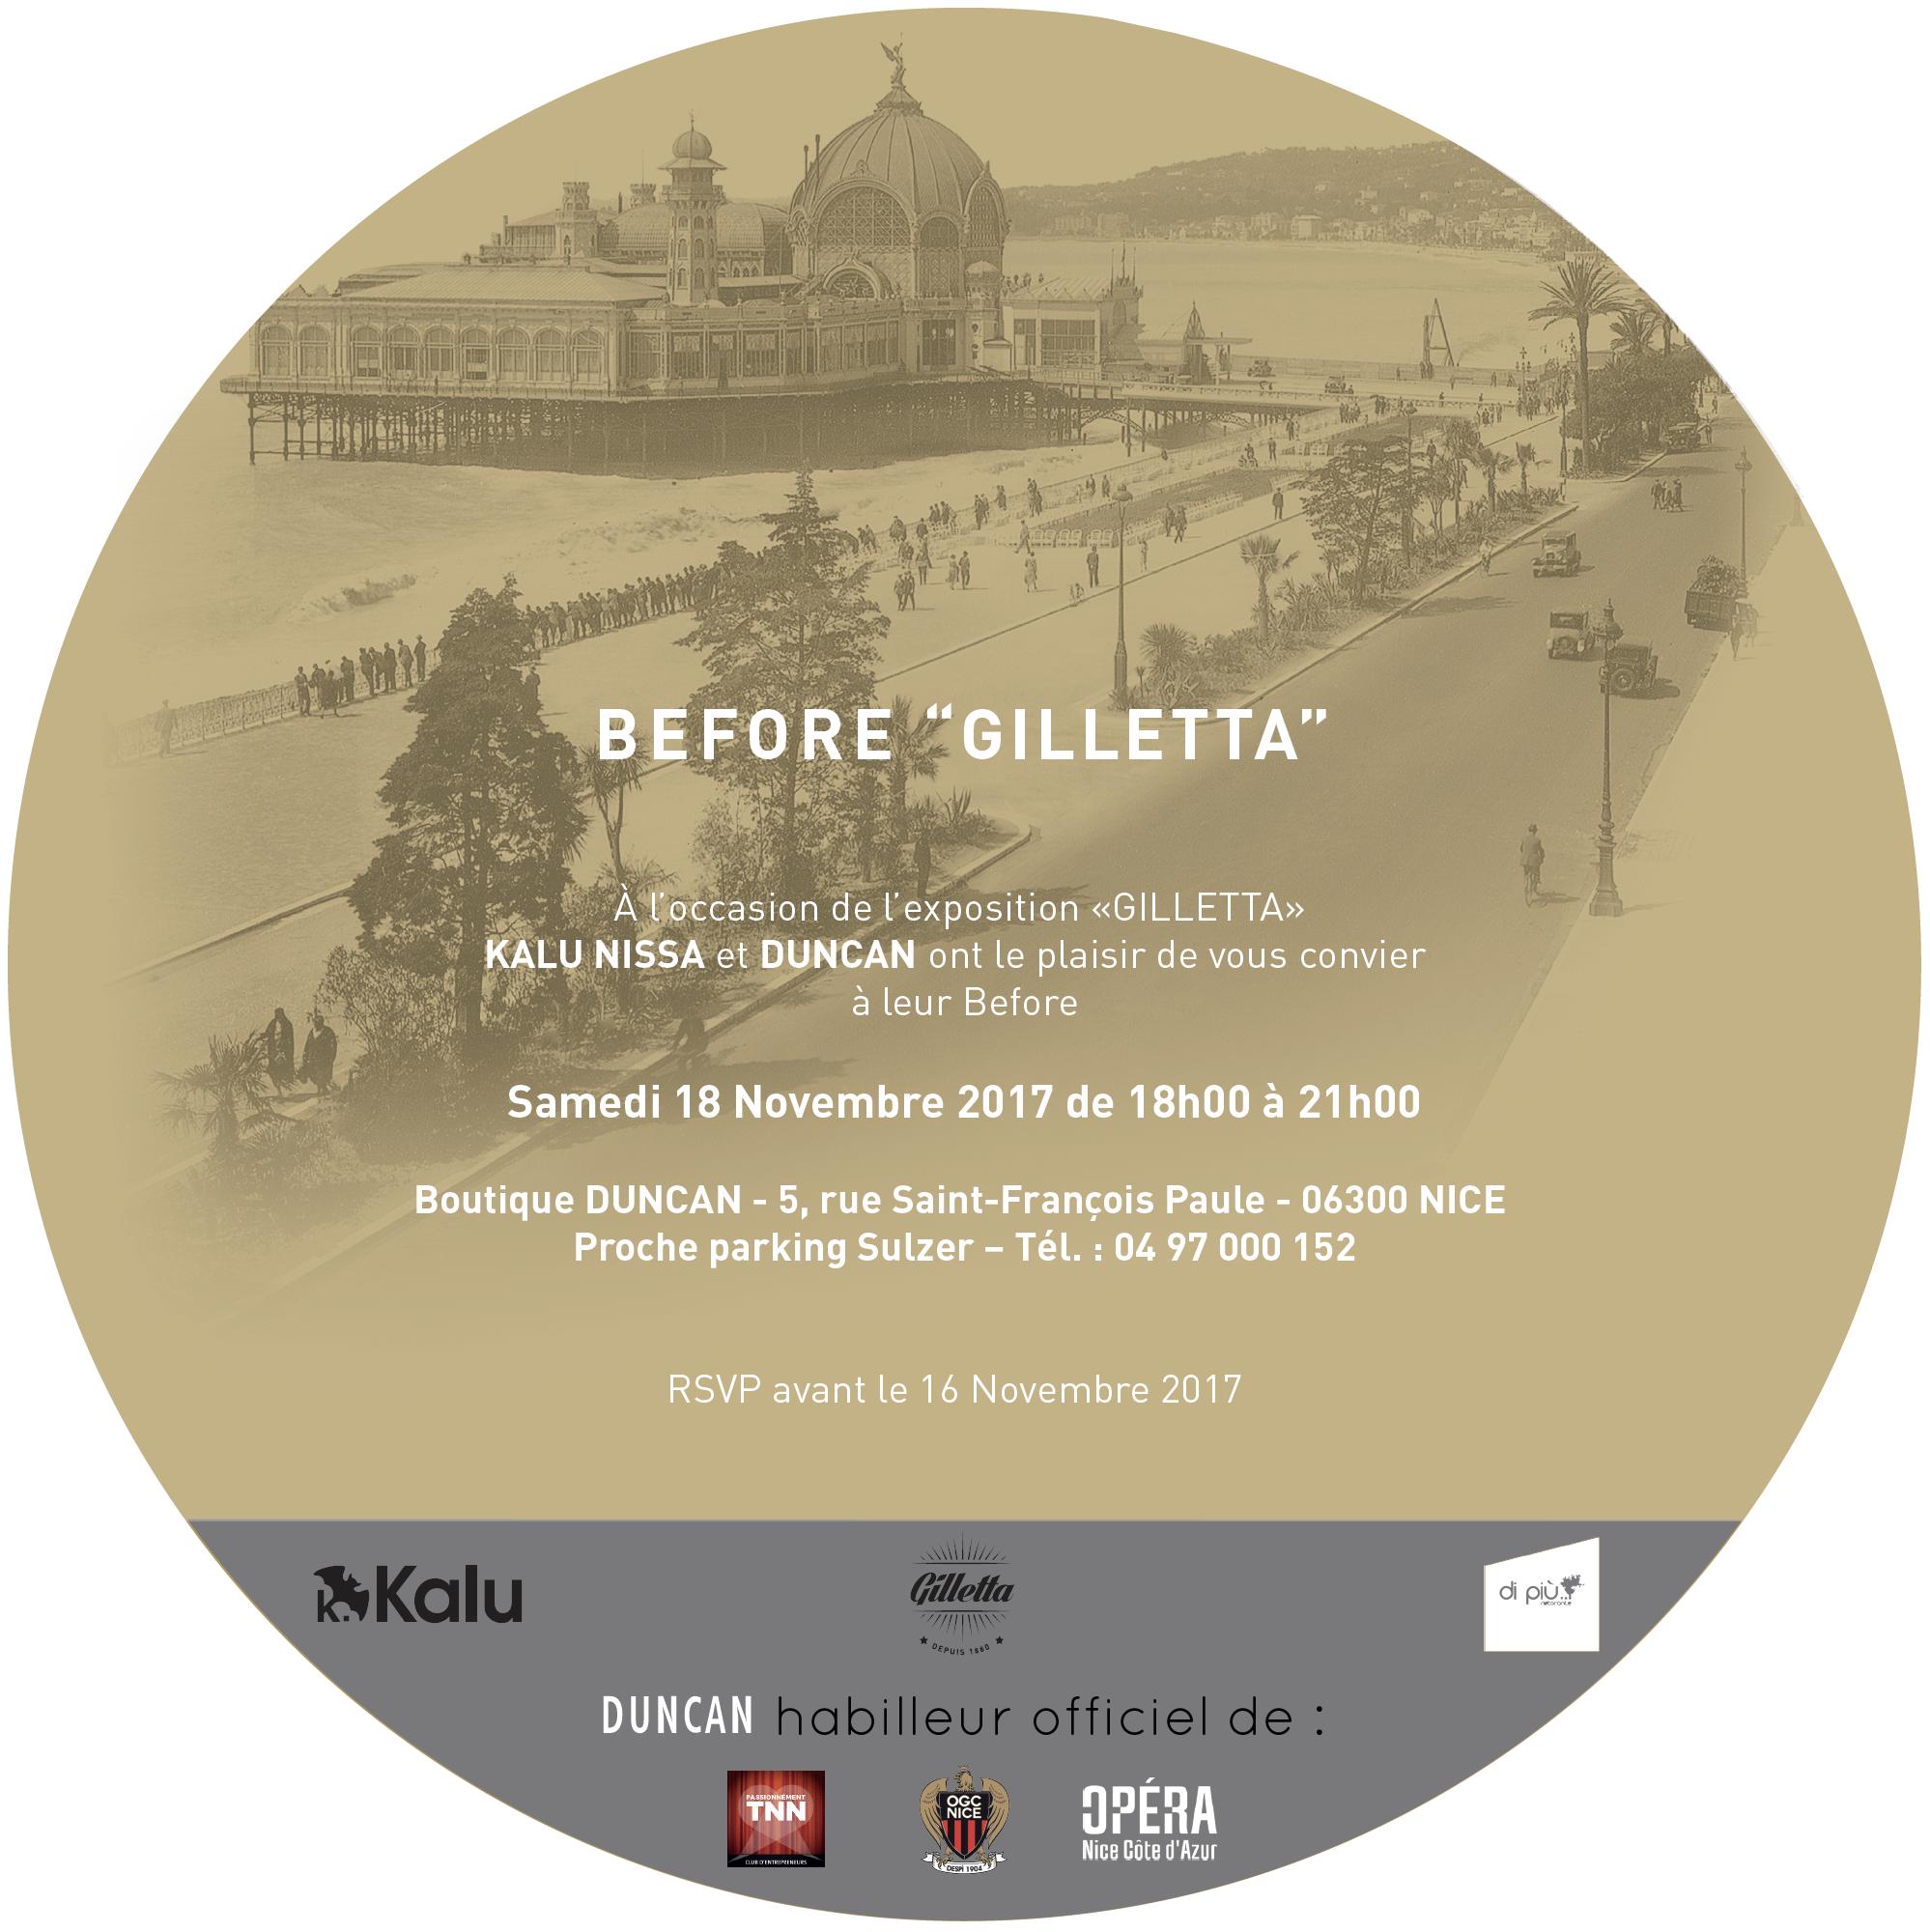 duncan&giletta-02